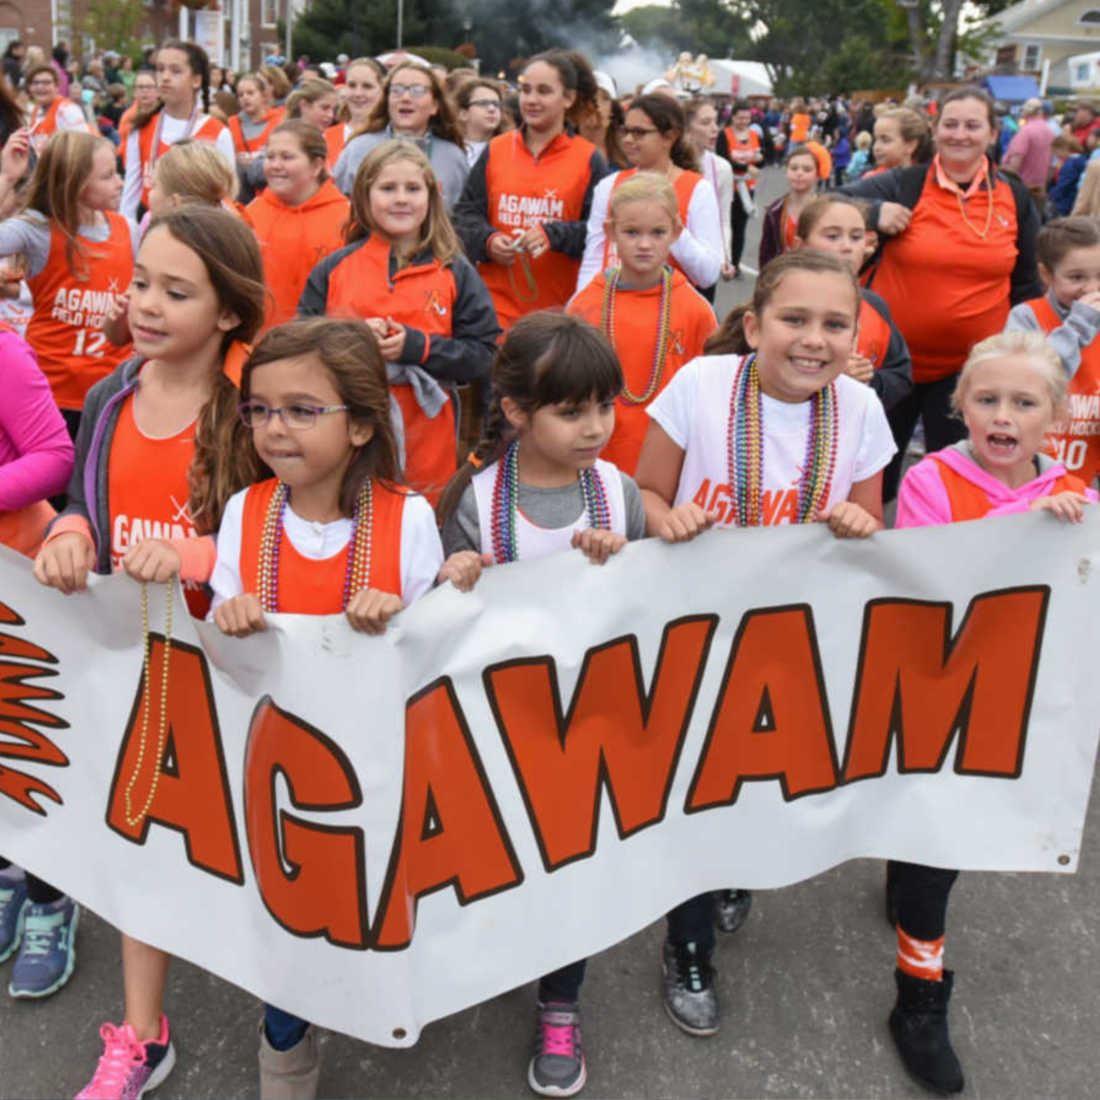 Salute to Agawam